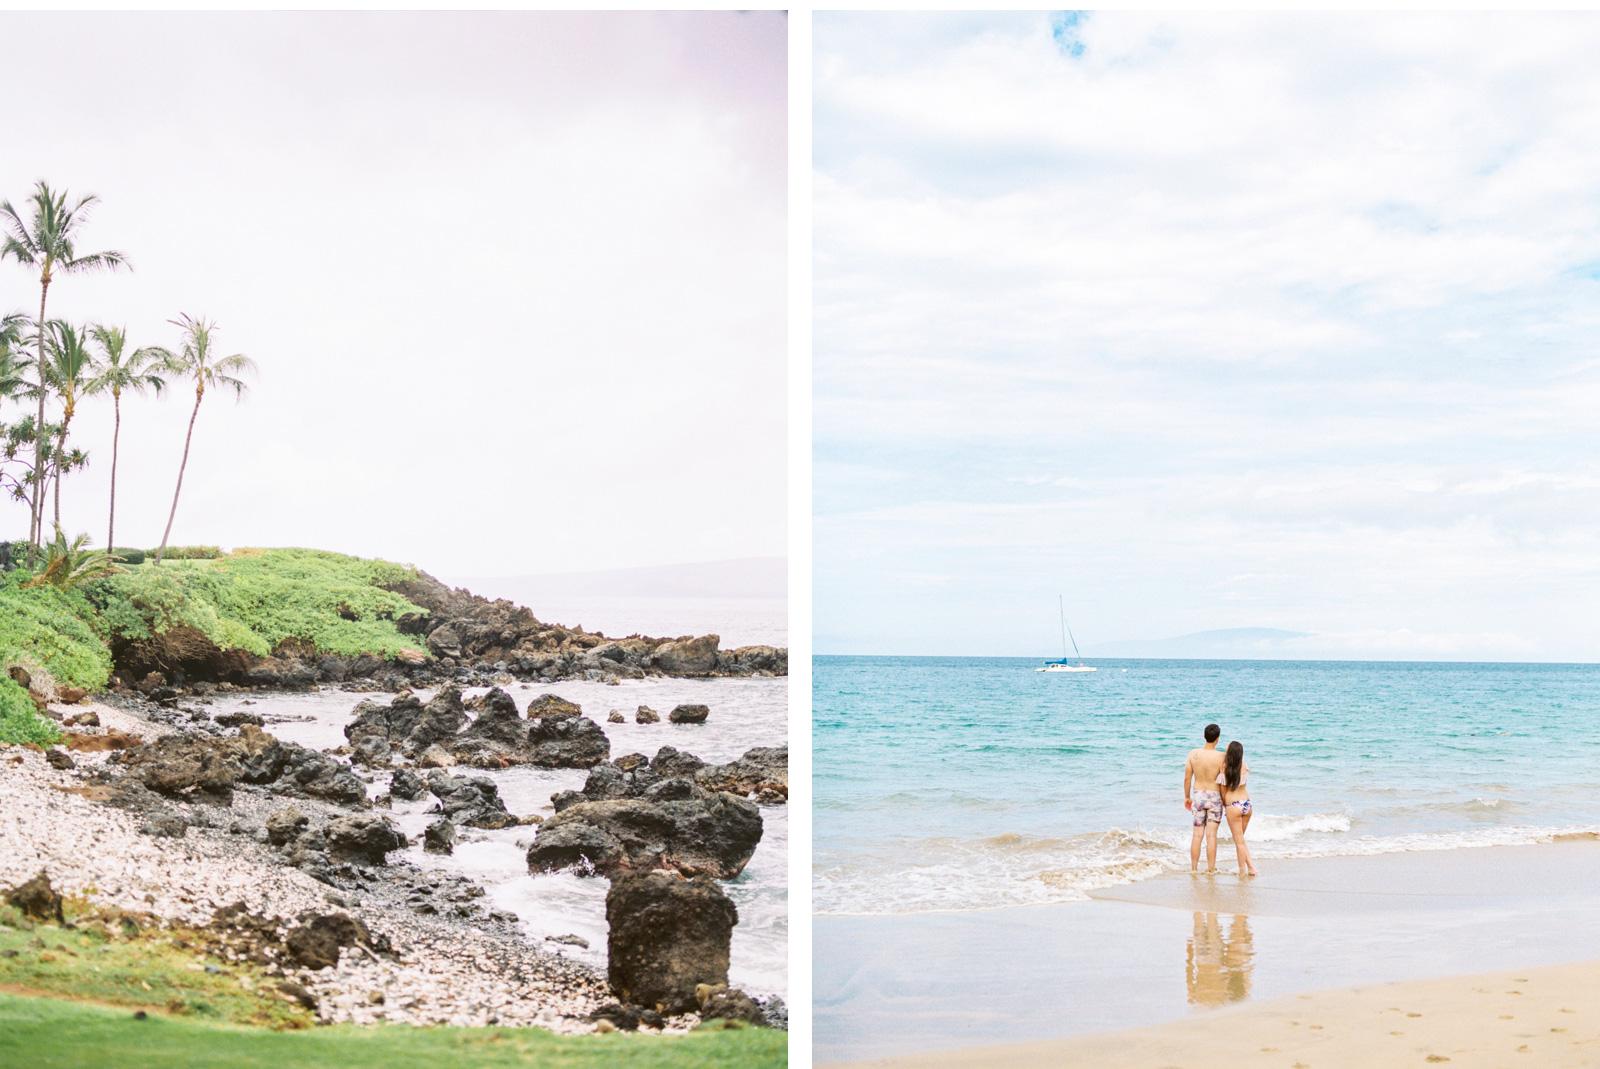 Hawaii-Wedding-Photographer-Natalie-Schutt-Photography_01.jpg